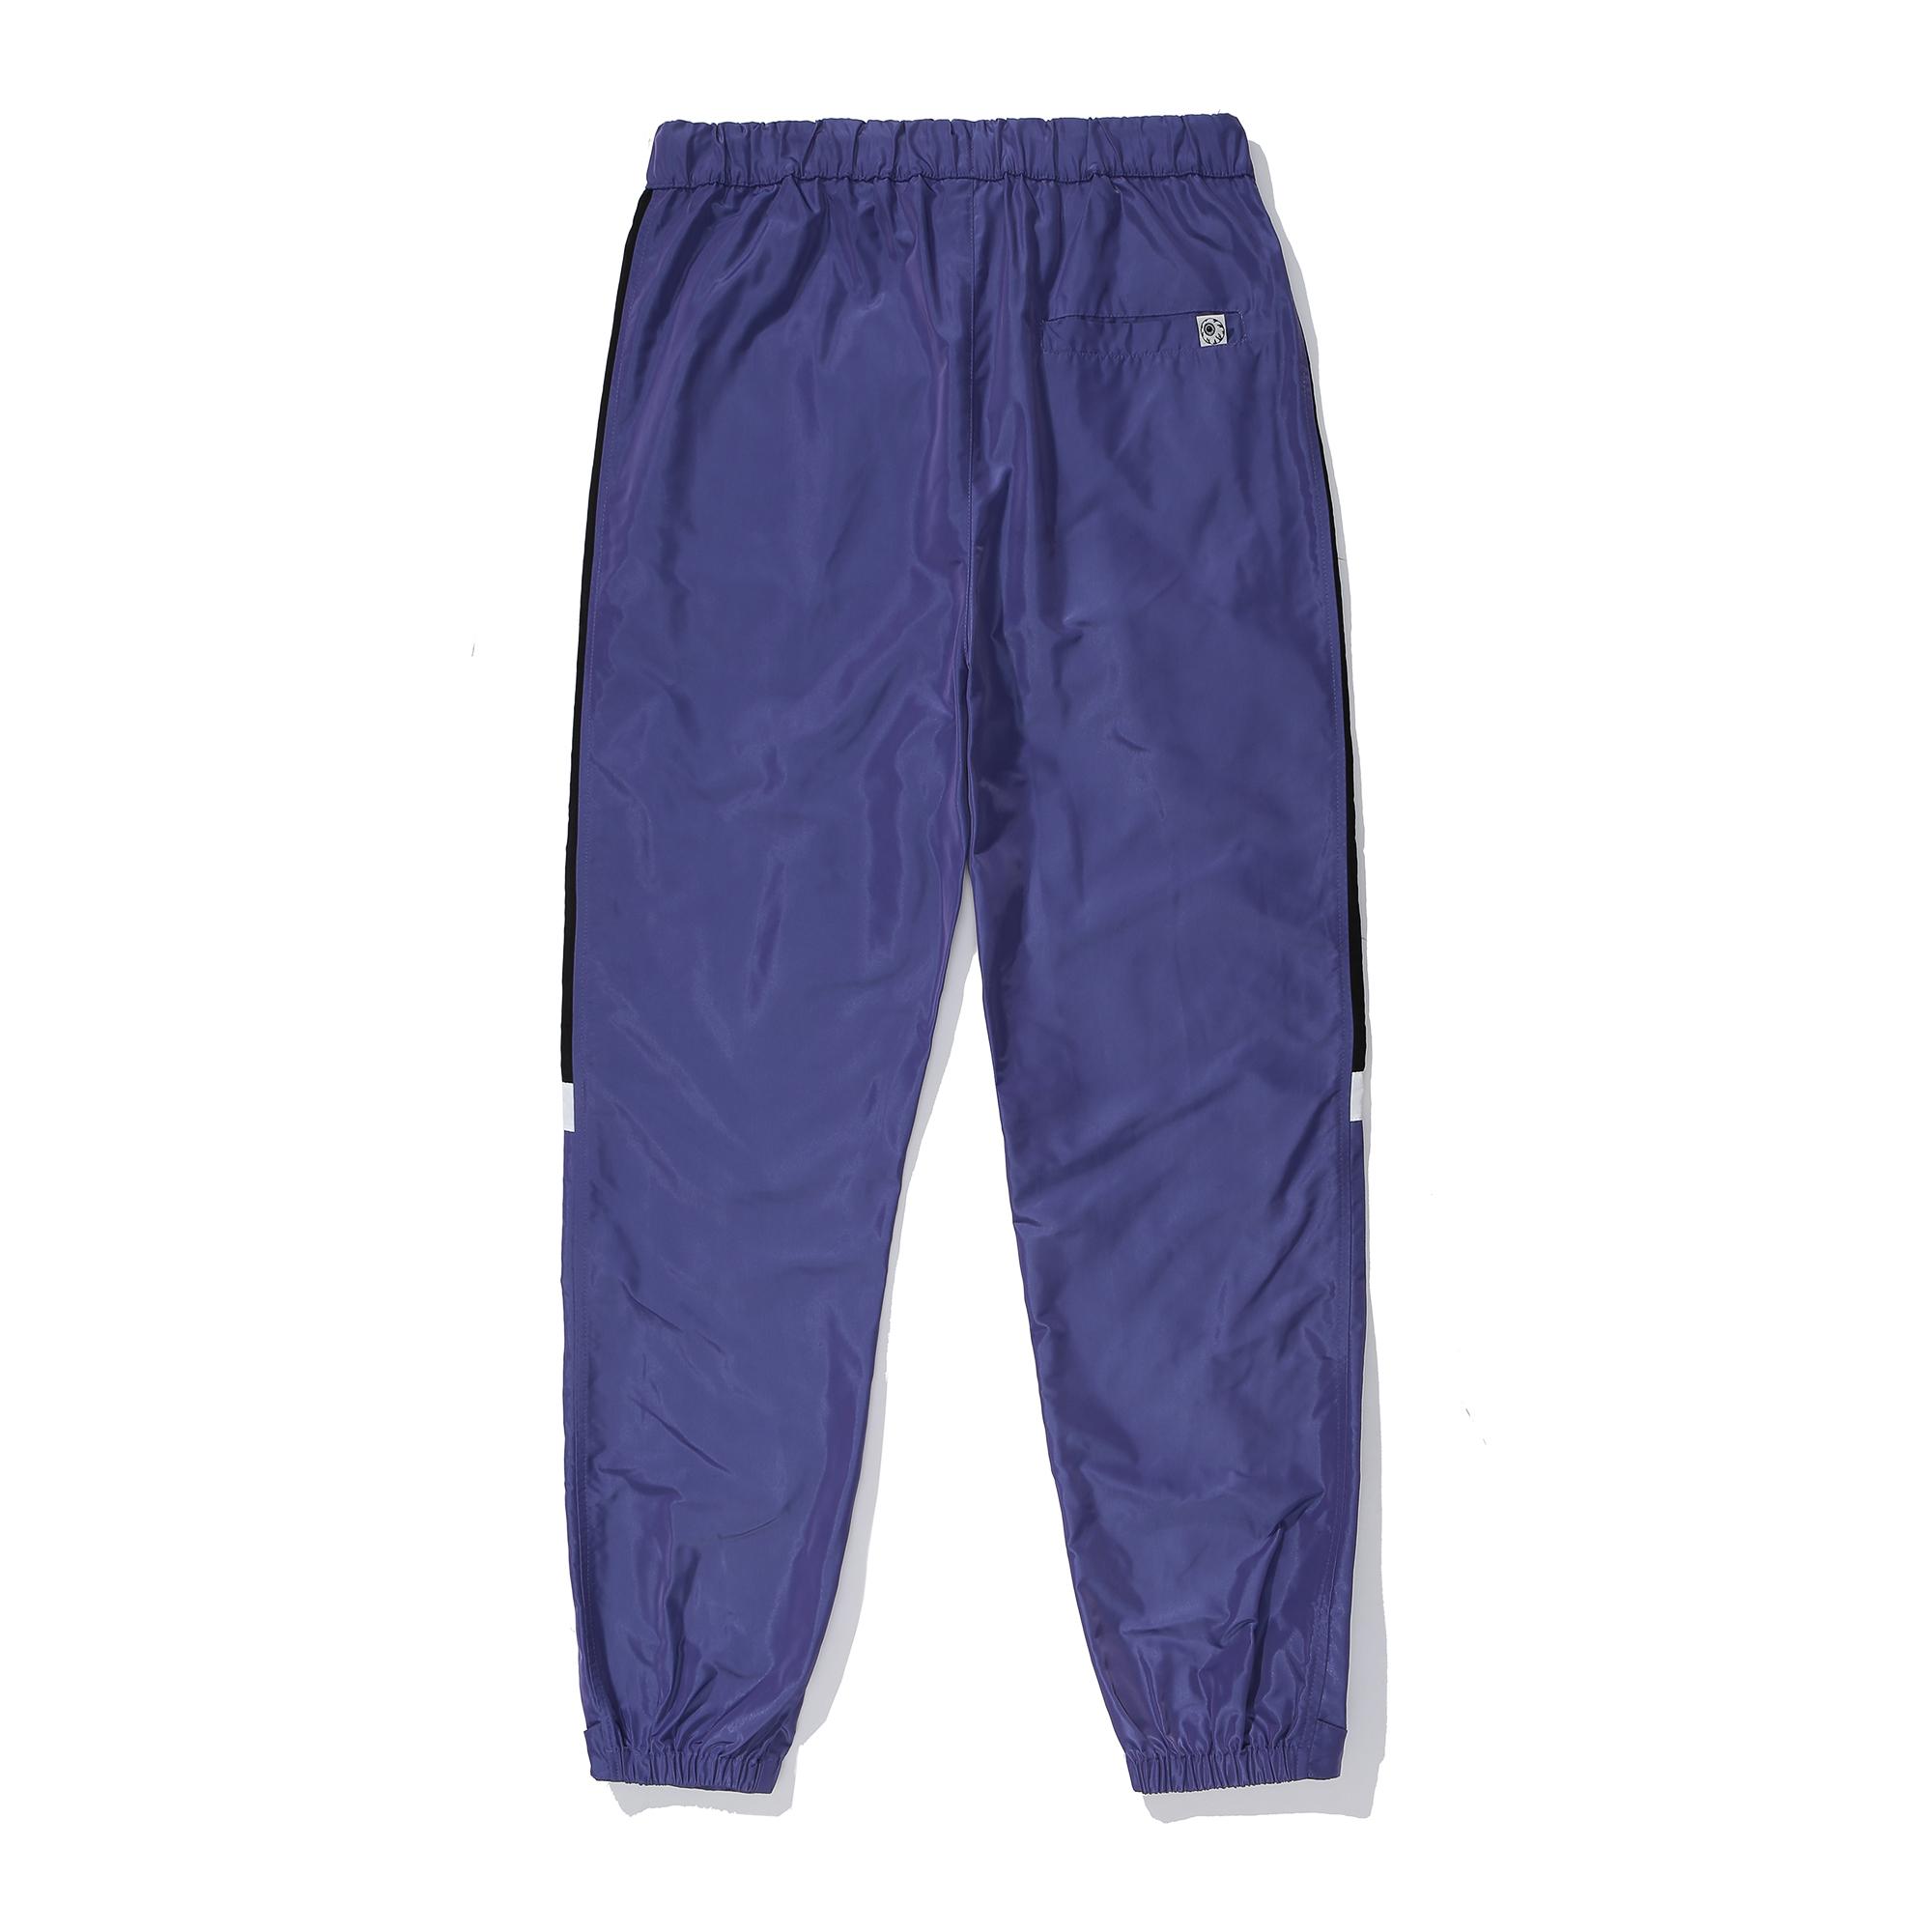 Mishka Track Pants